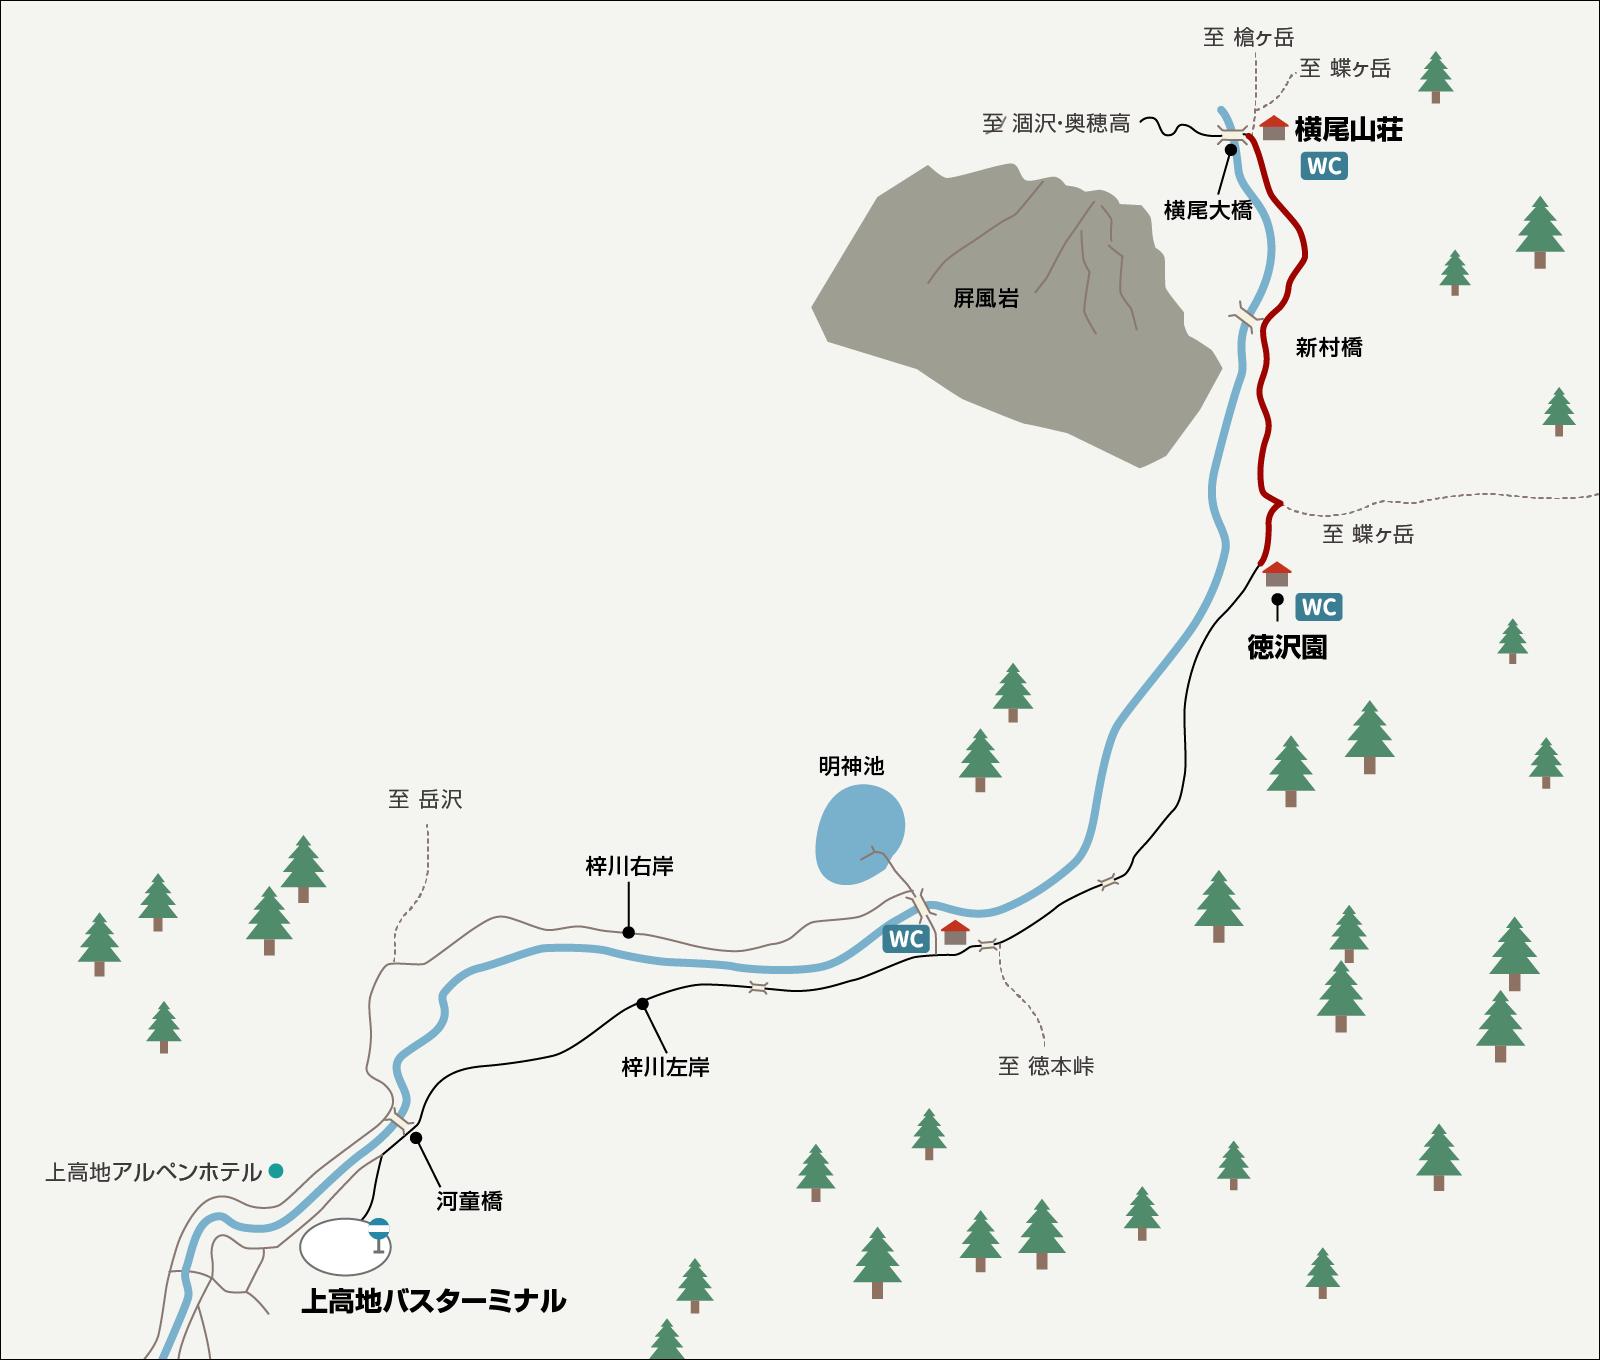 涸沢で単独テント泊&パノラマルート下山(2)横尾大橋 イラストマップ2